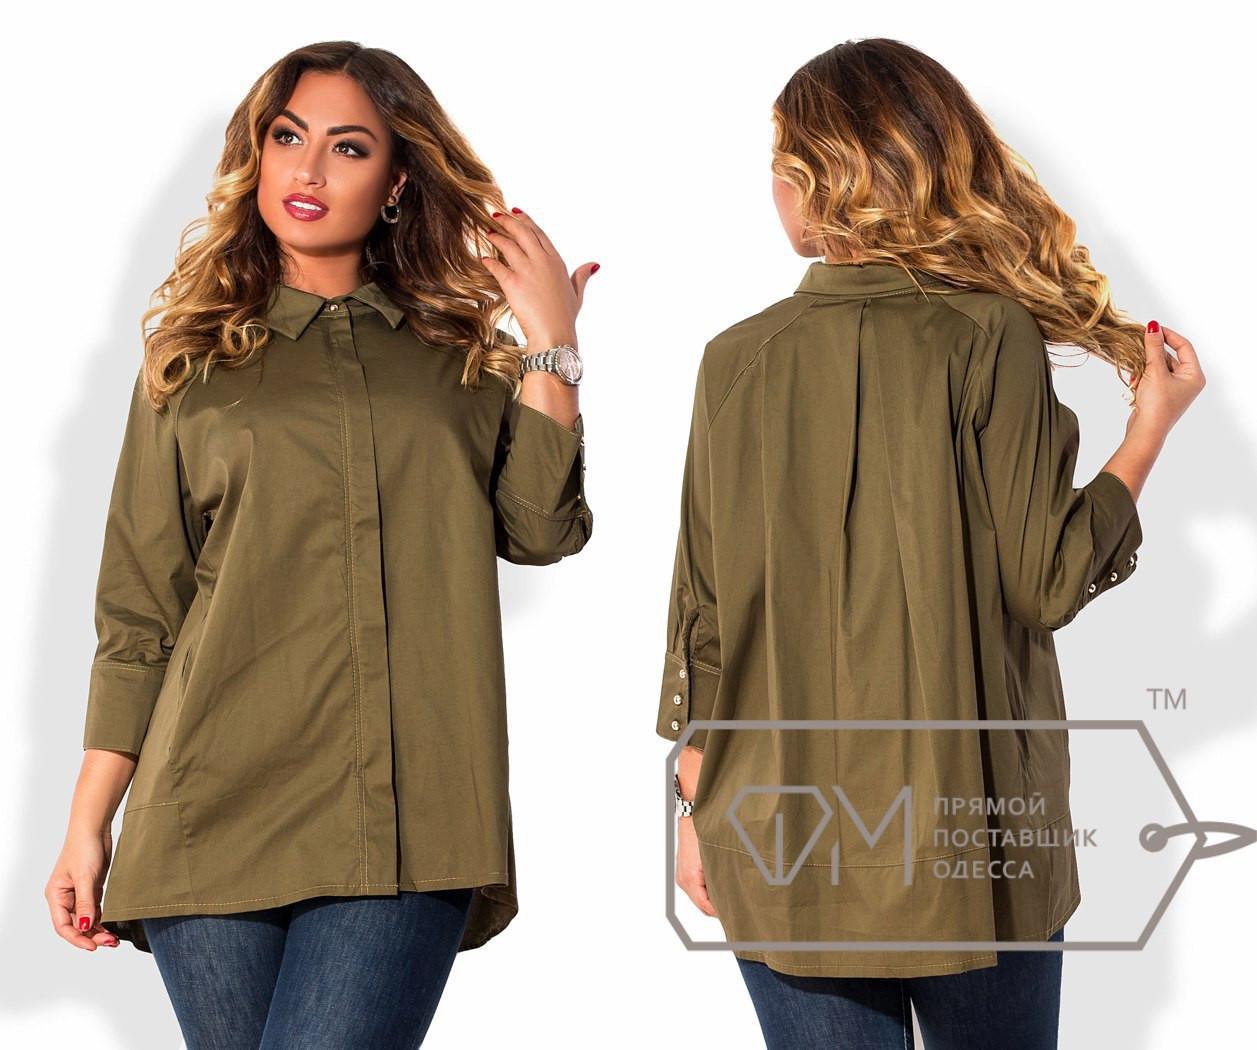 cb881e617ef Купить Рубашку женскую хаки PY -010 оптом и в розницу в Одессе